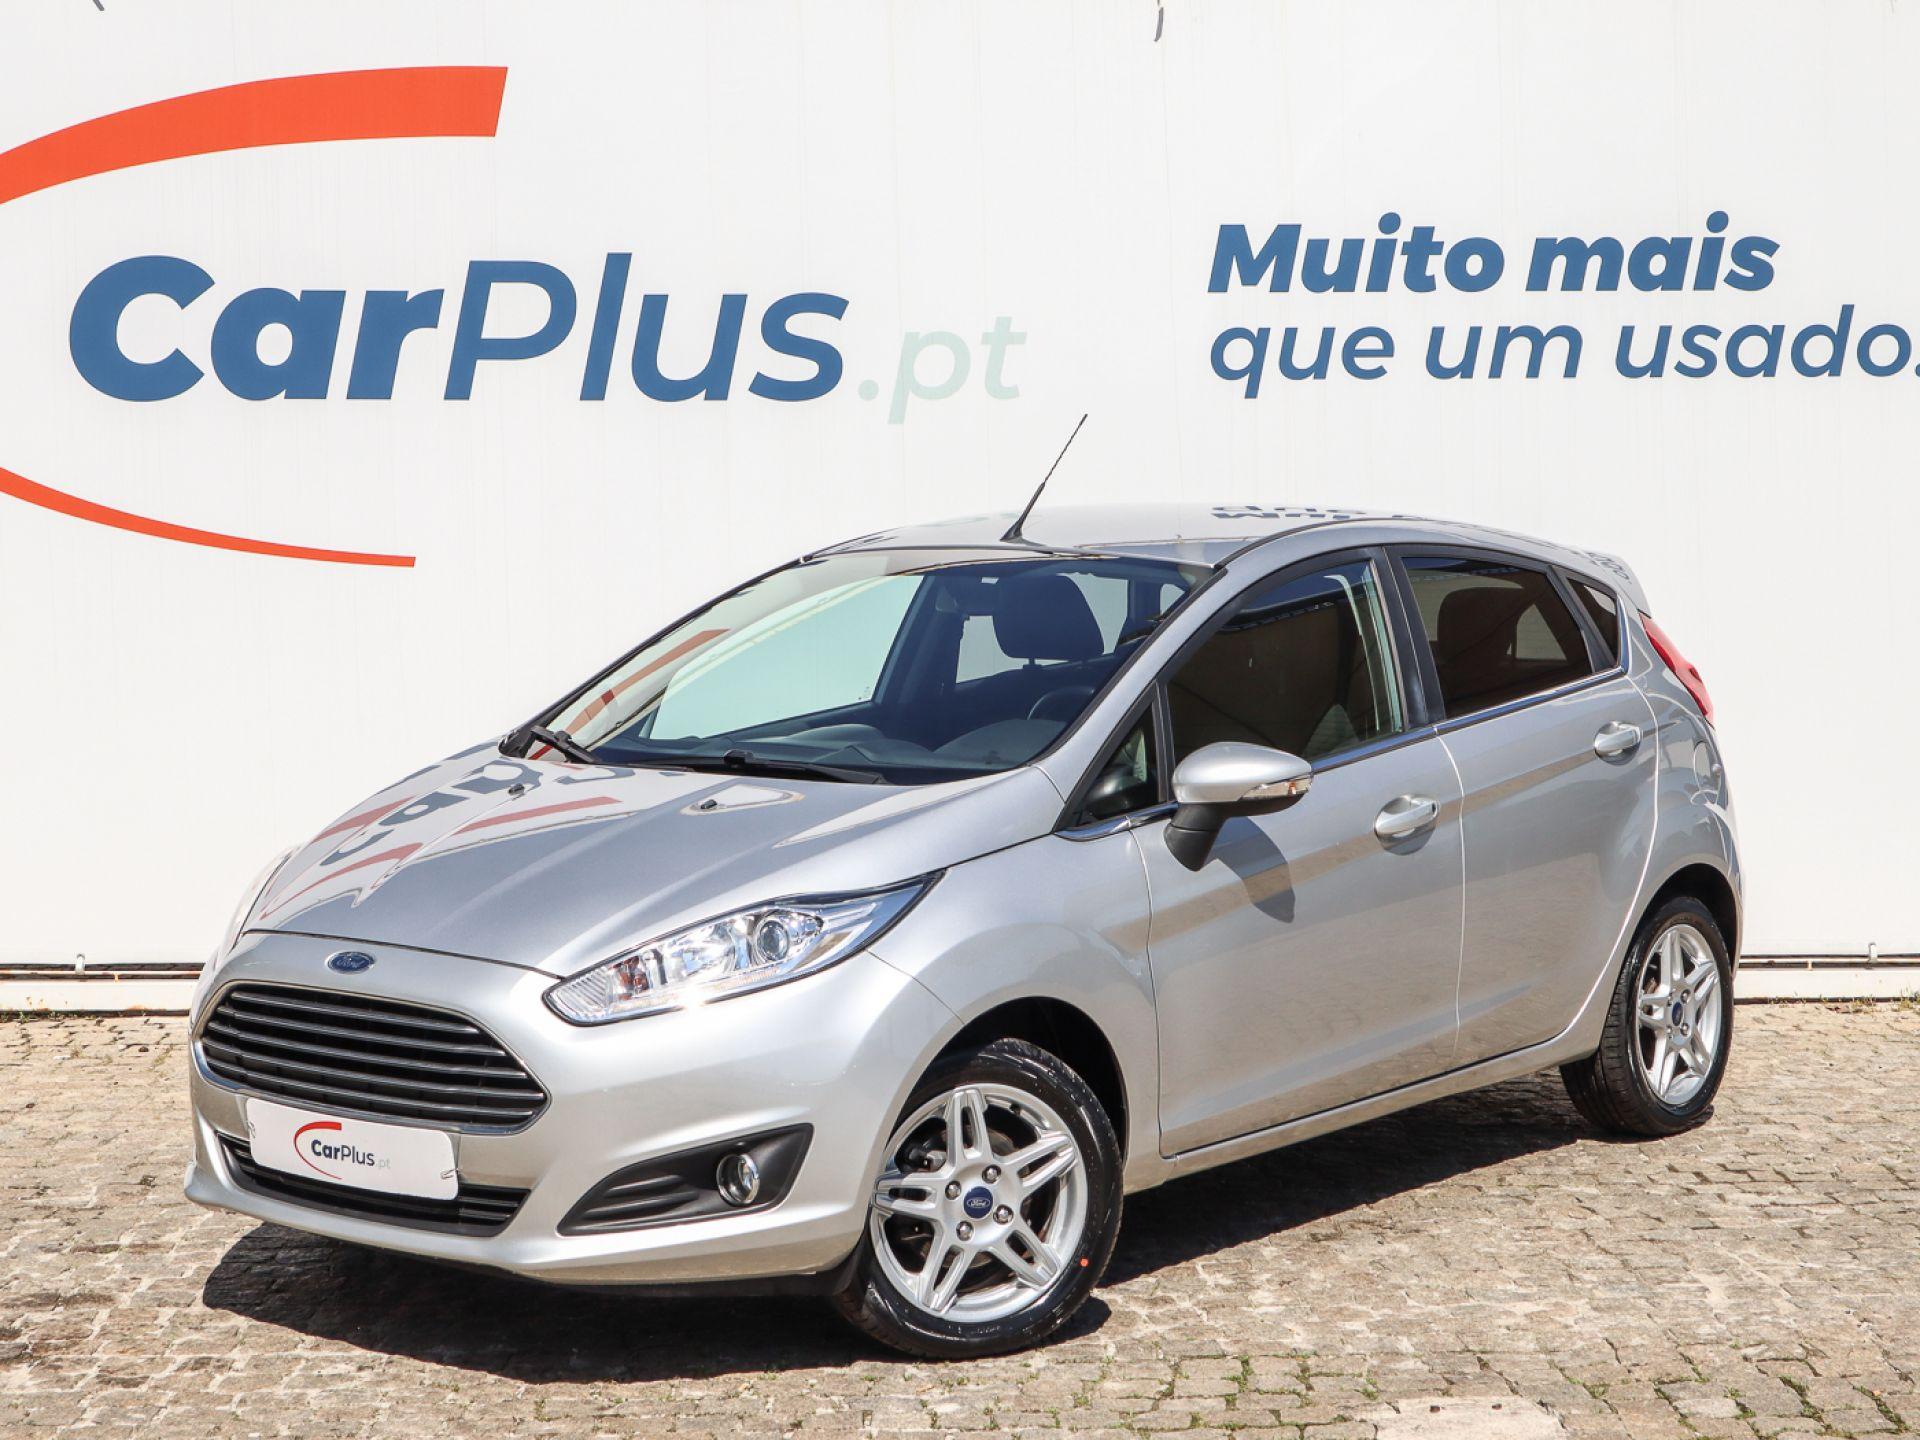 Ford Fiesta 1.0 Ti-VCT 80CV S/S Titanium segunda mão Lisboa